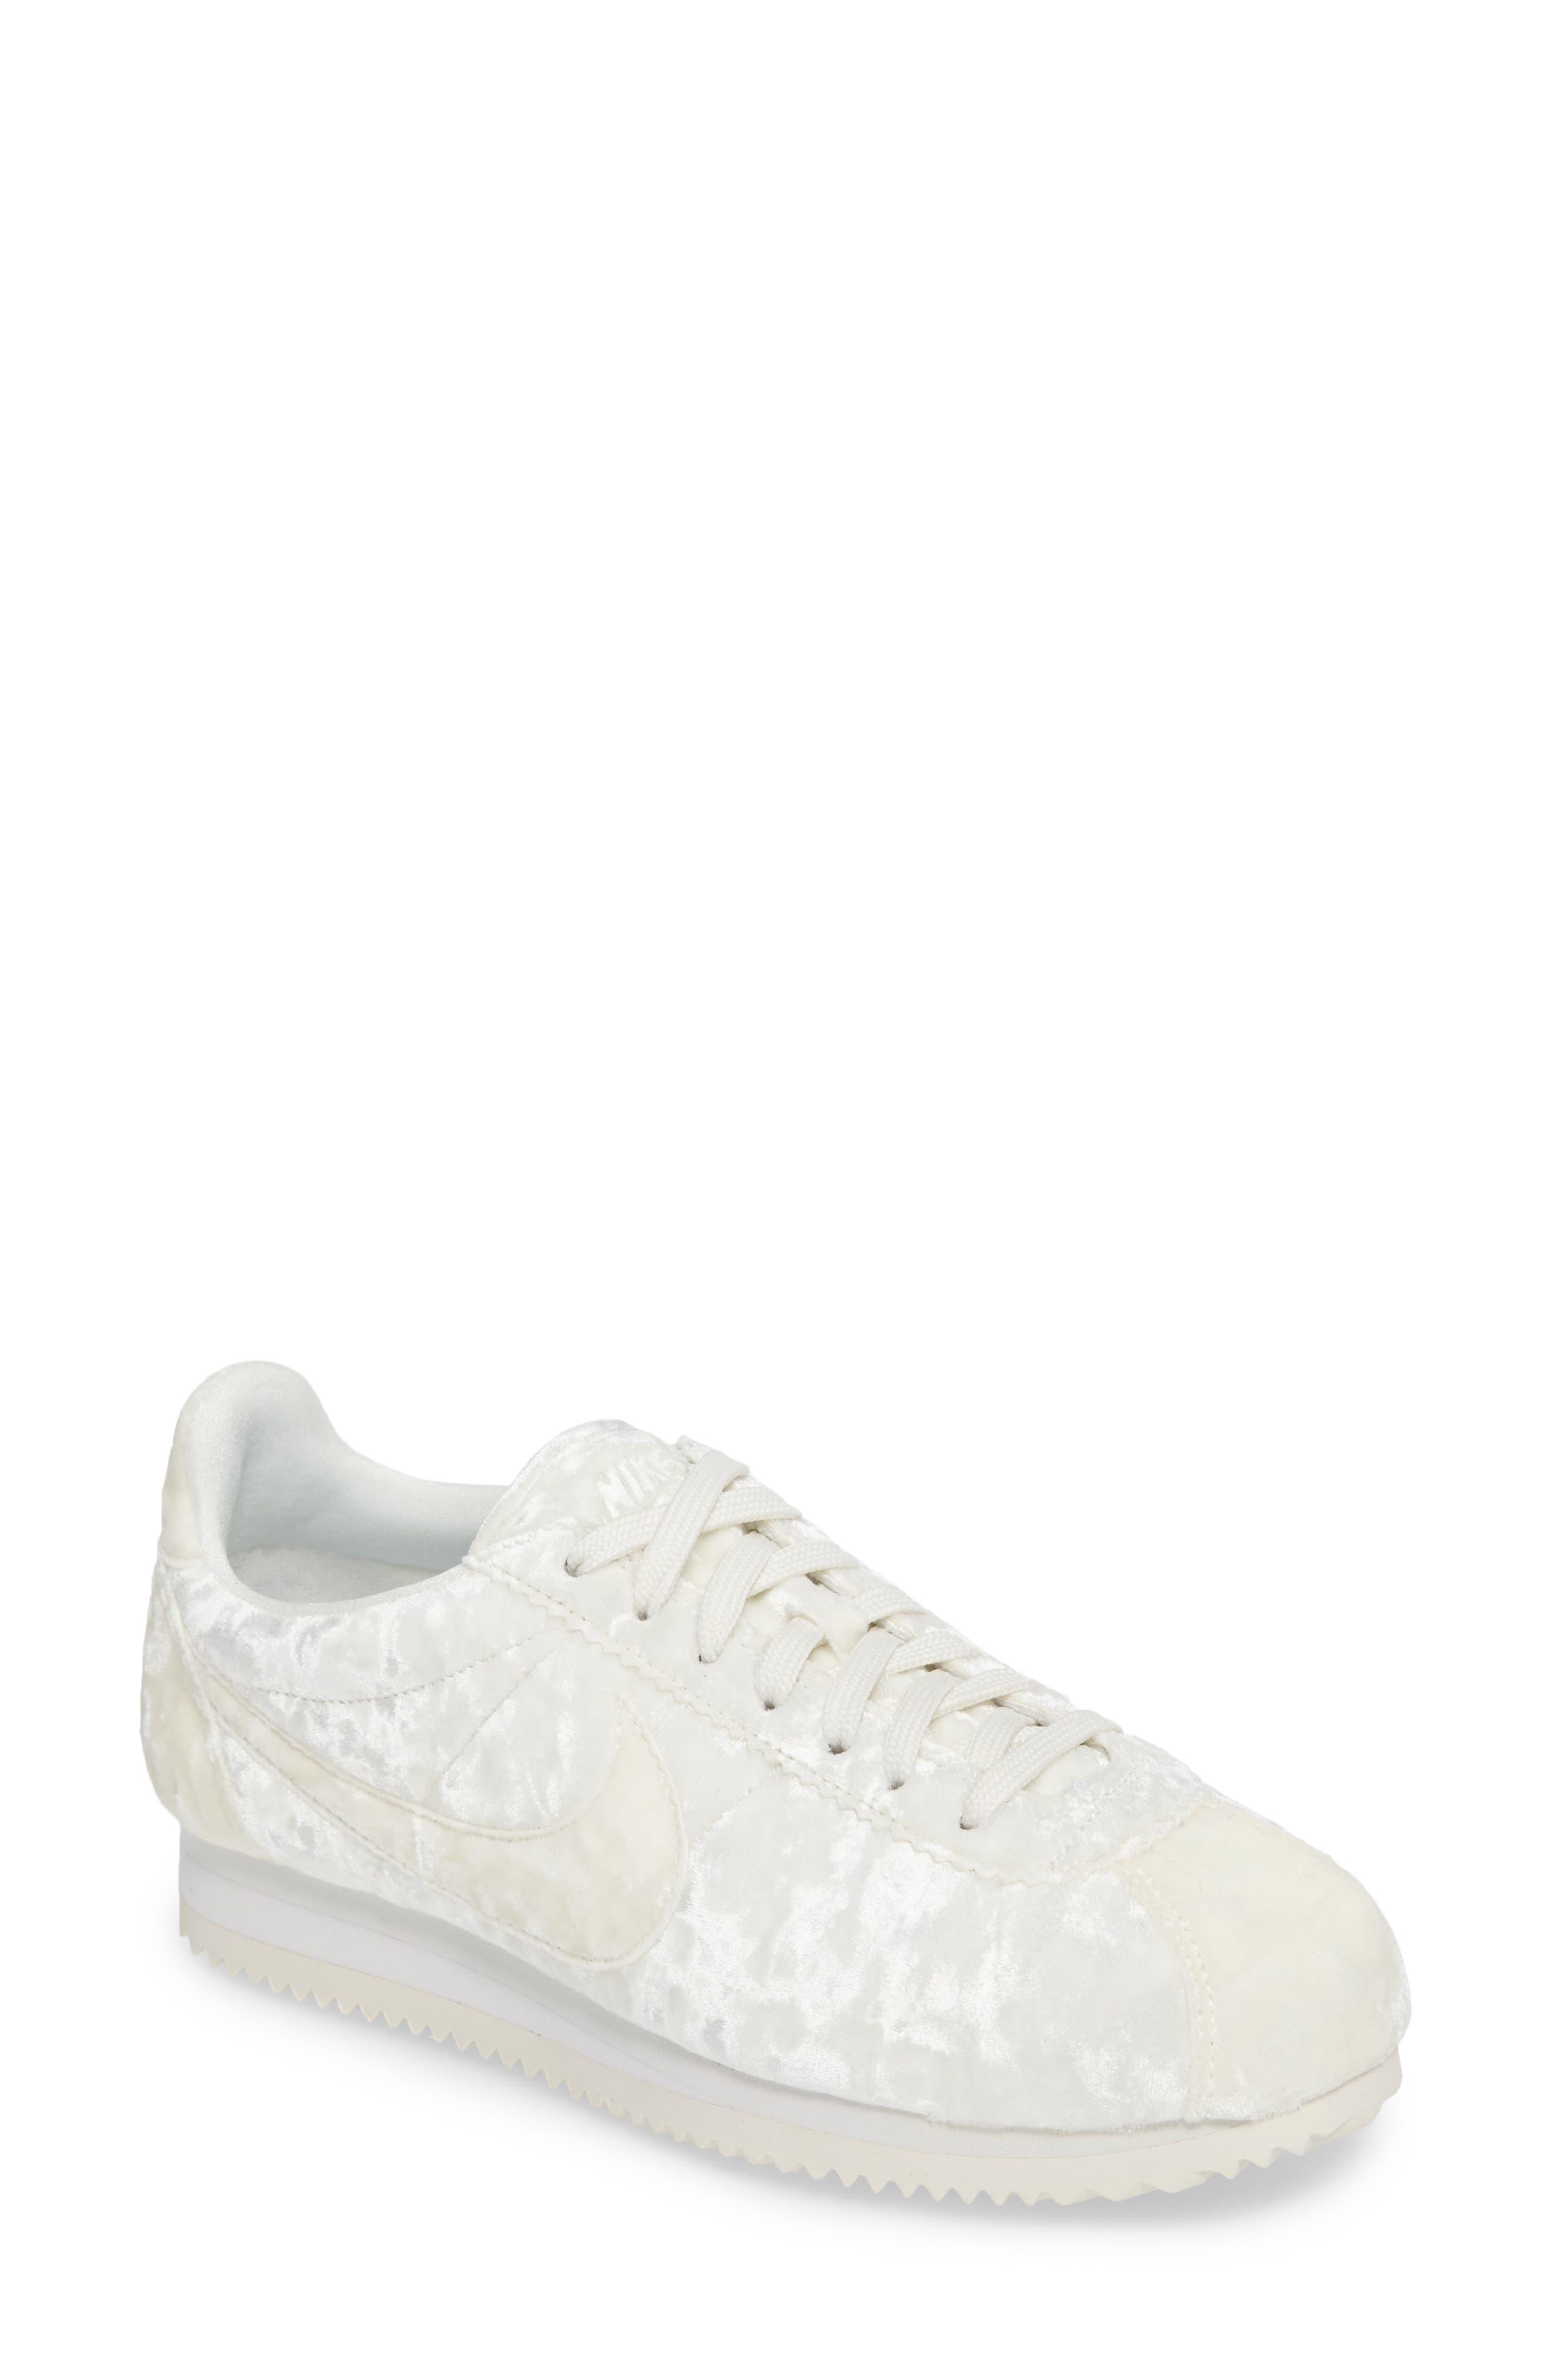 Nike Cortez Classic LX Sneaker (Women)